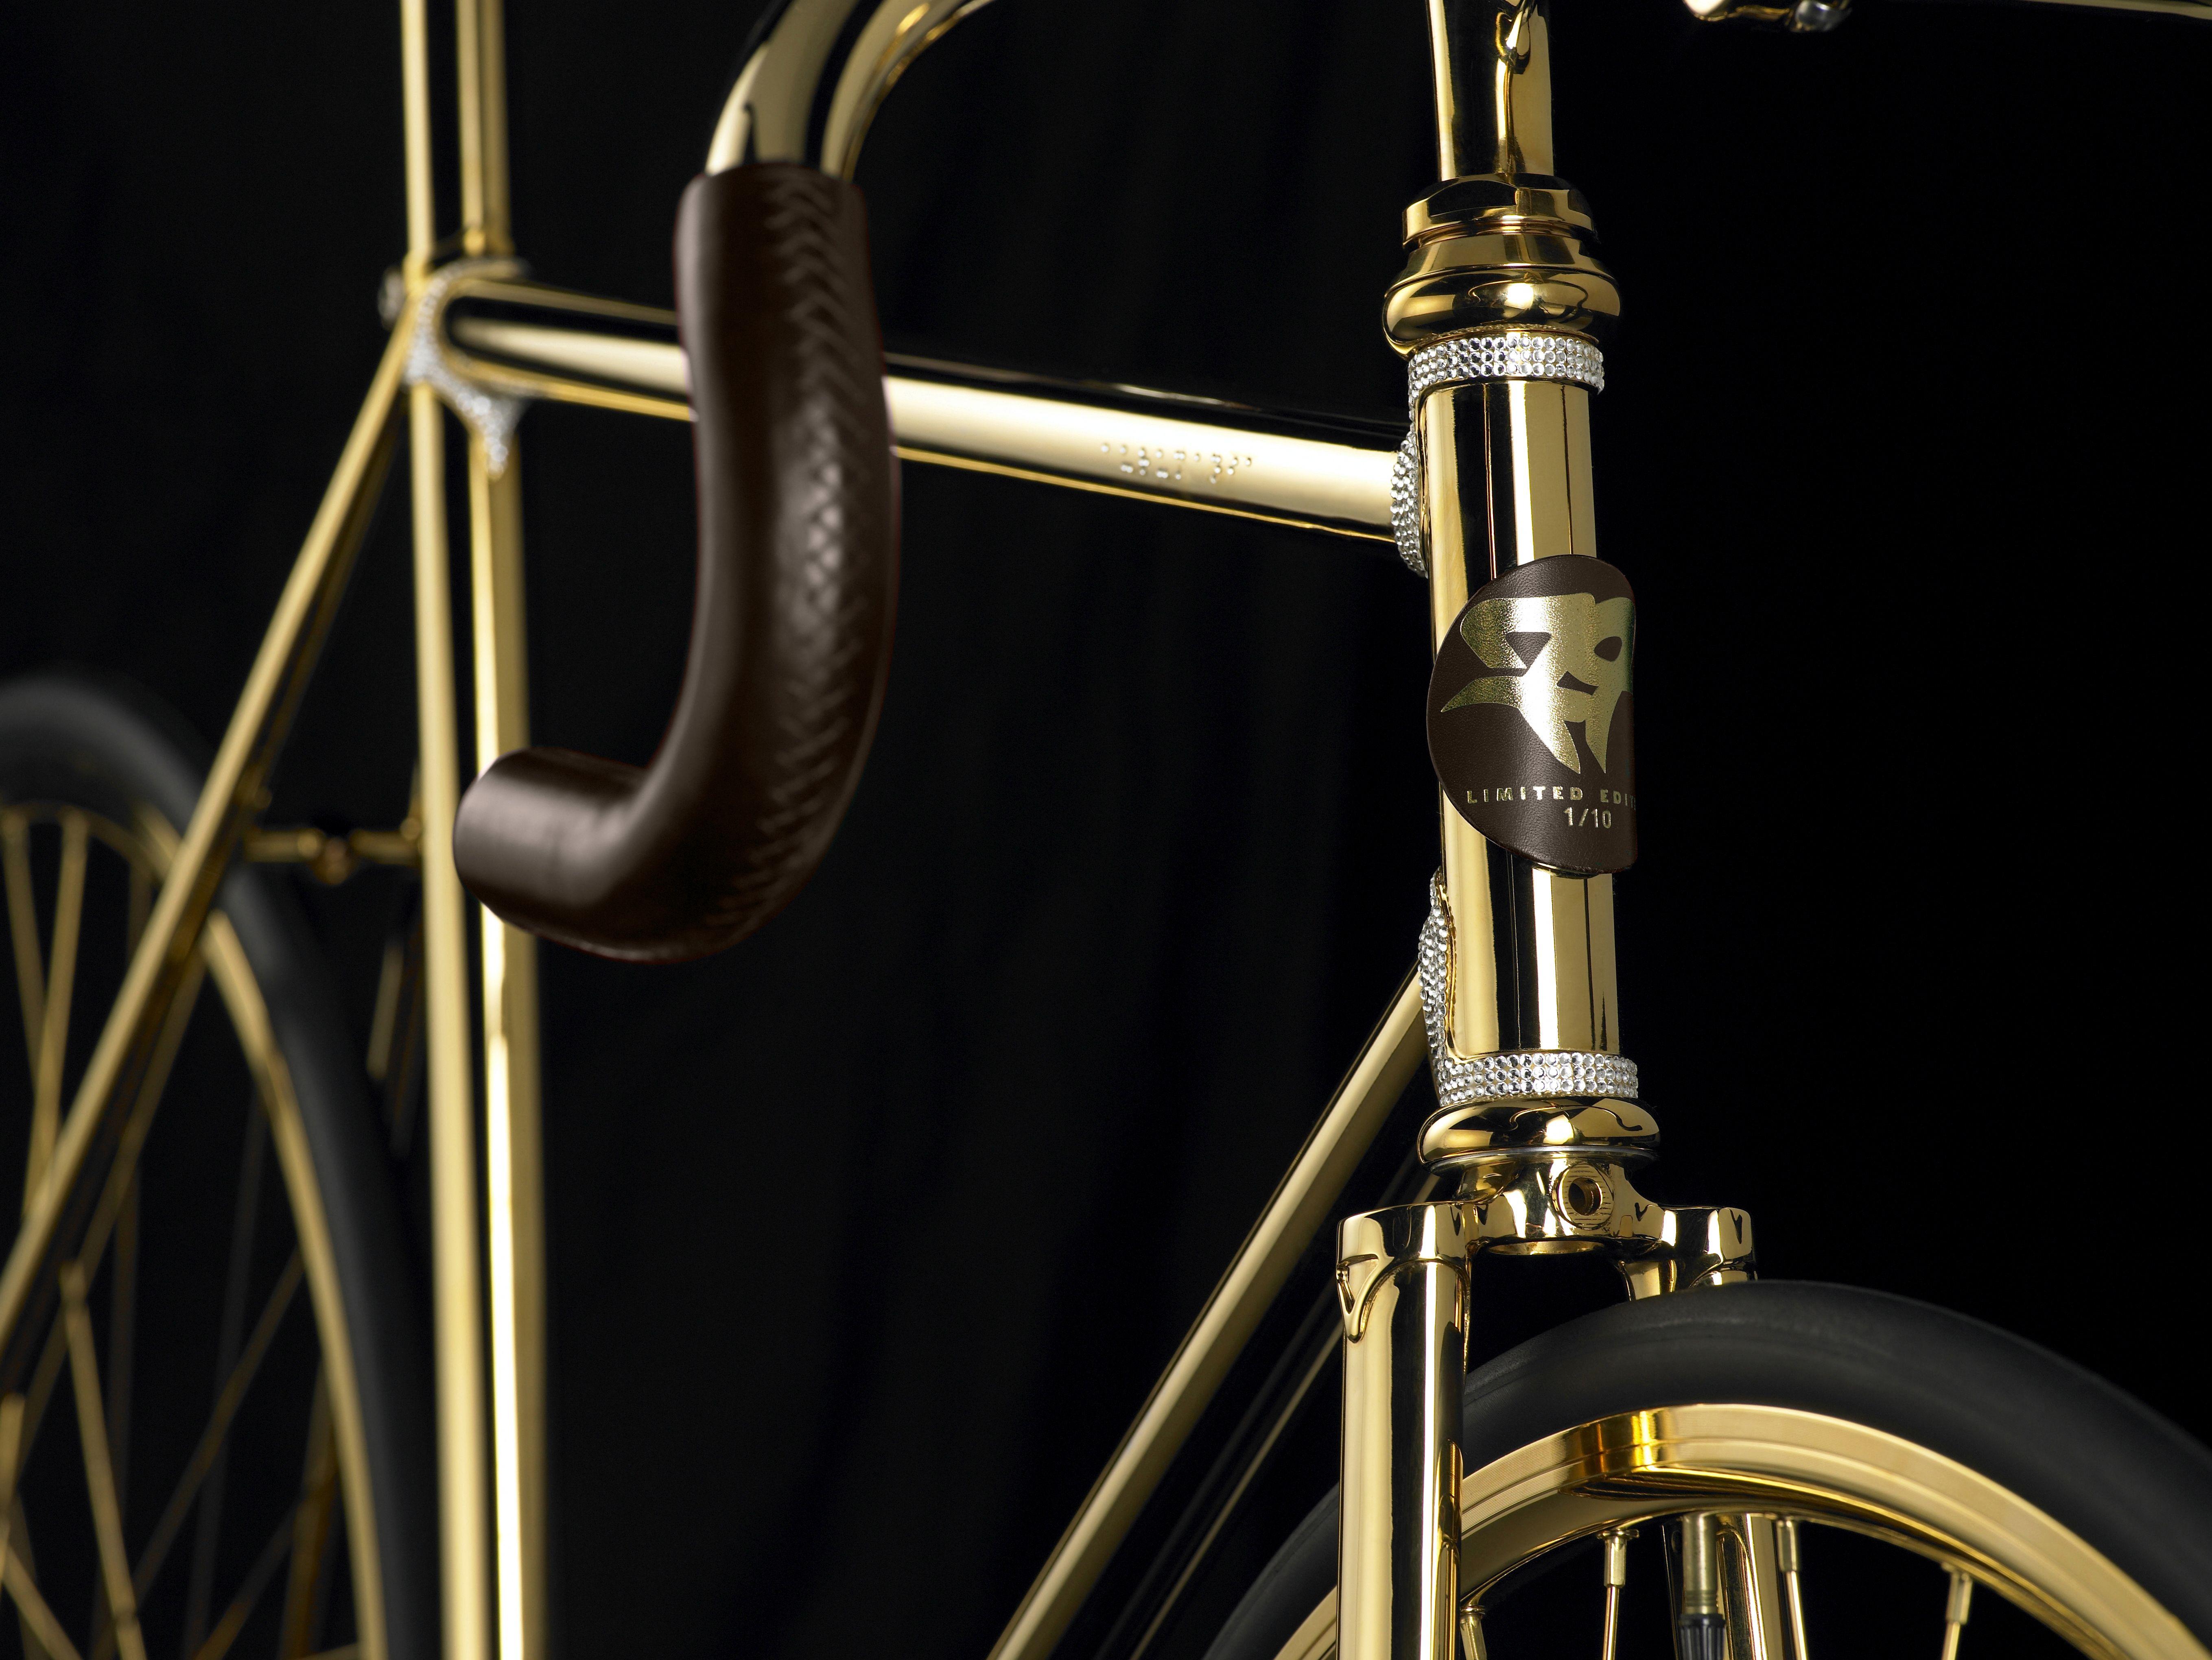 любят внимание золотой велосипед фото можно